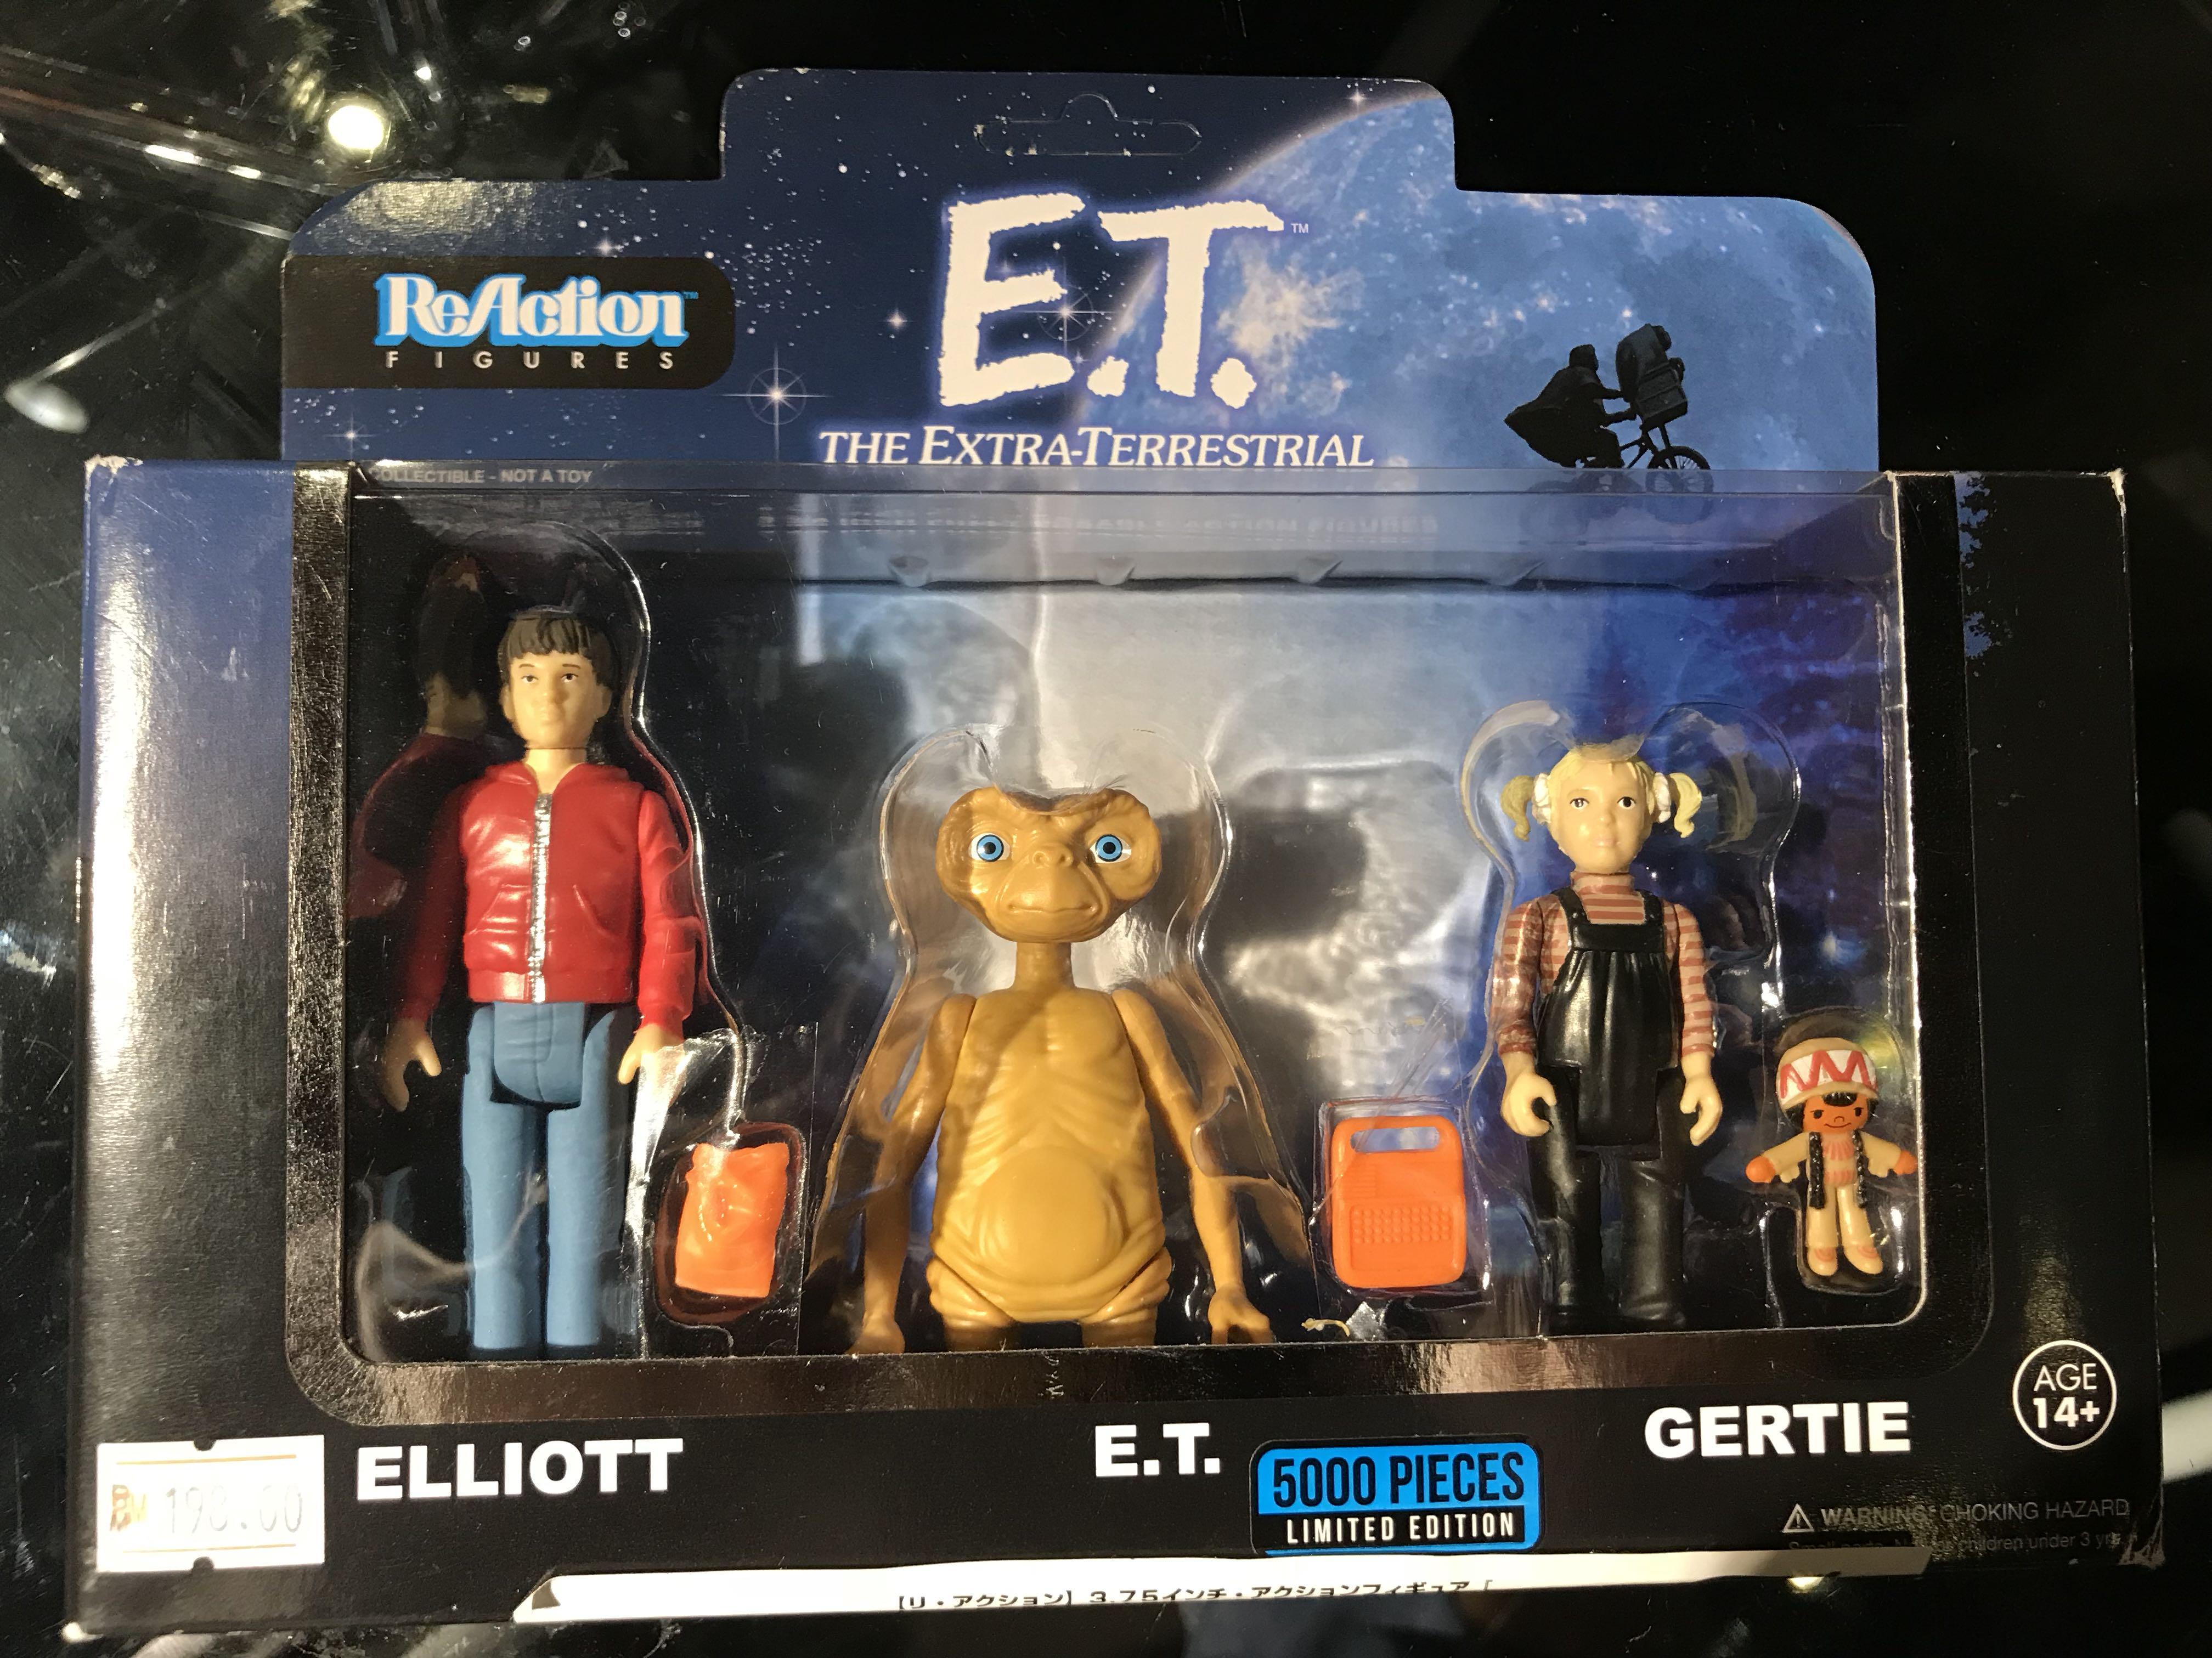 ReAction Action Figure 3-Pack Elliot et gertie limited edition E.T